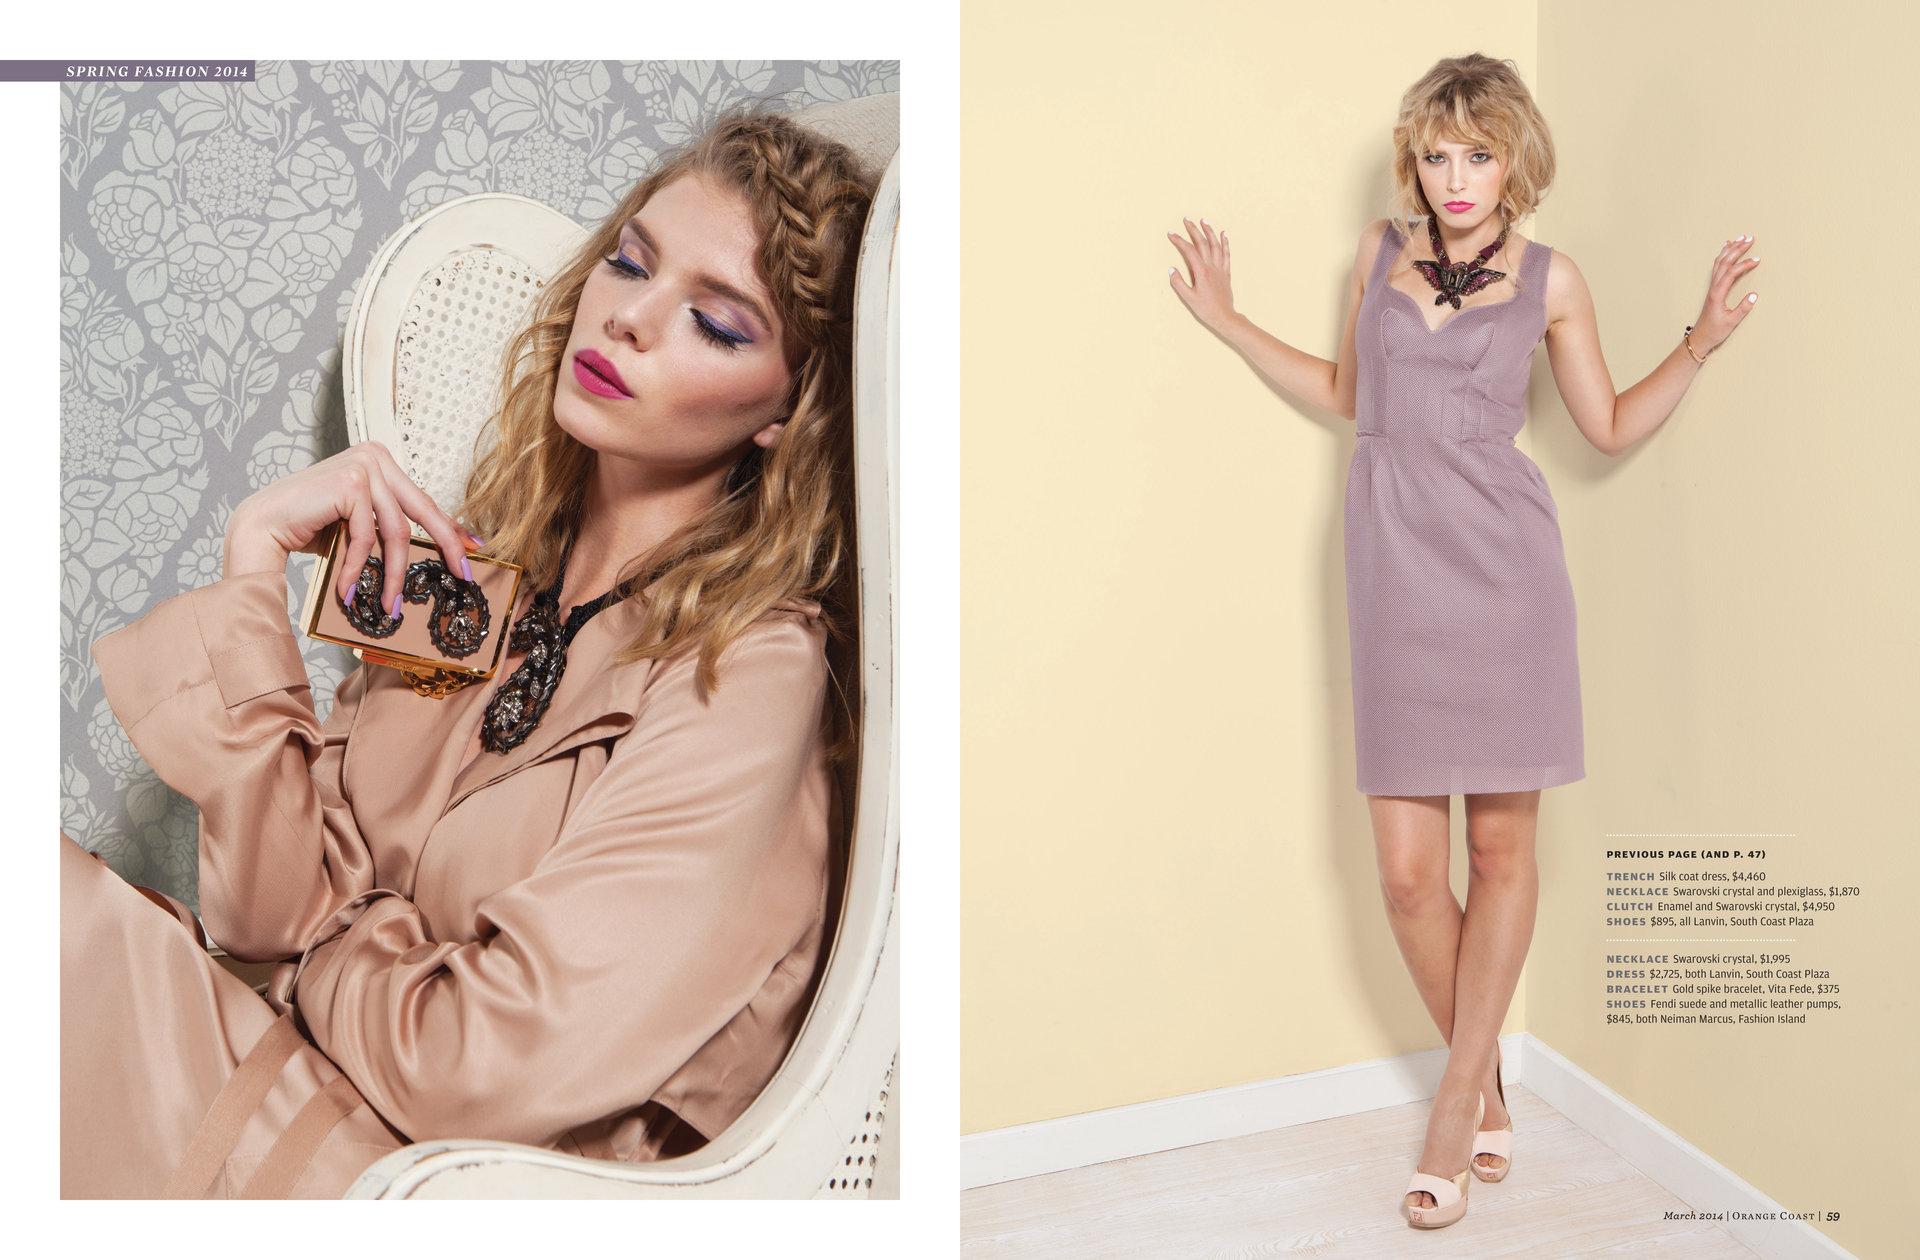 Spring fashion Orange Coast Magazine 03/2014